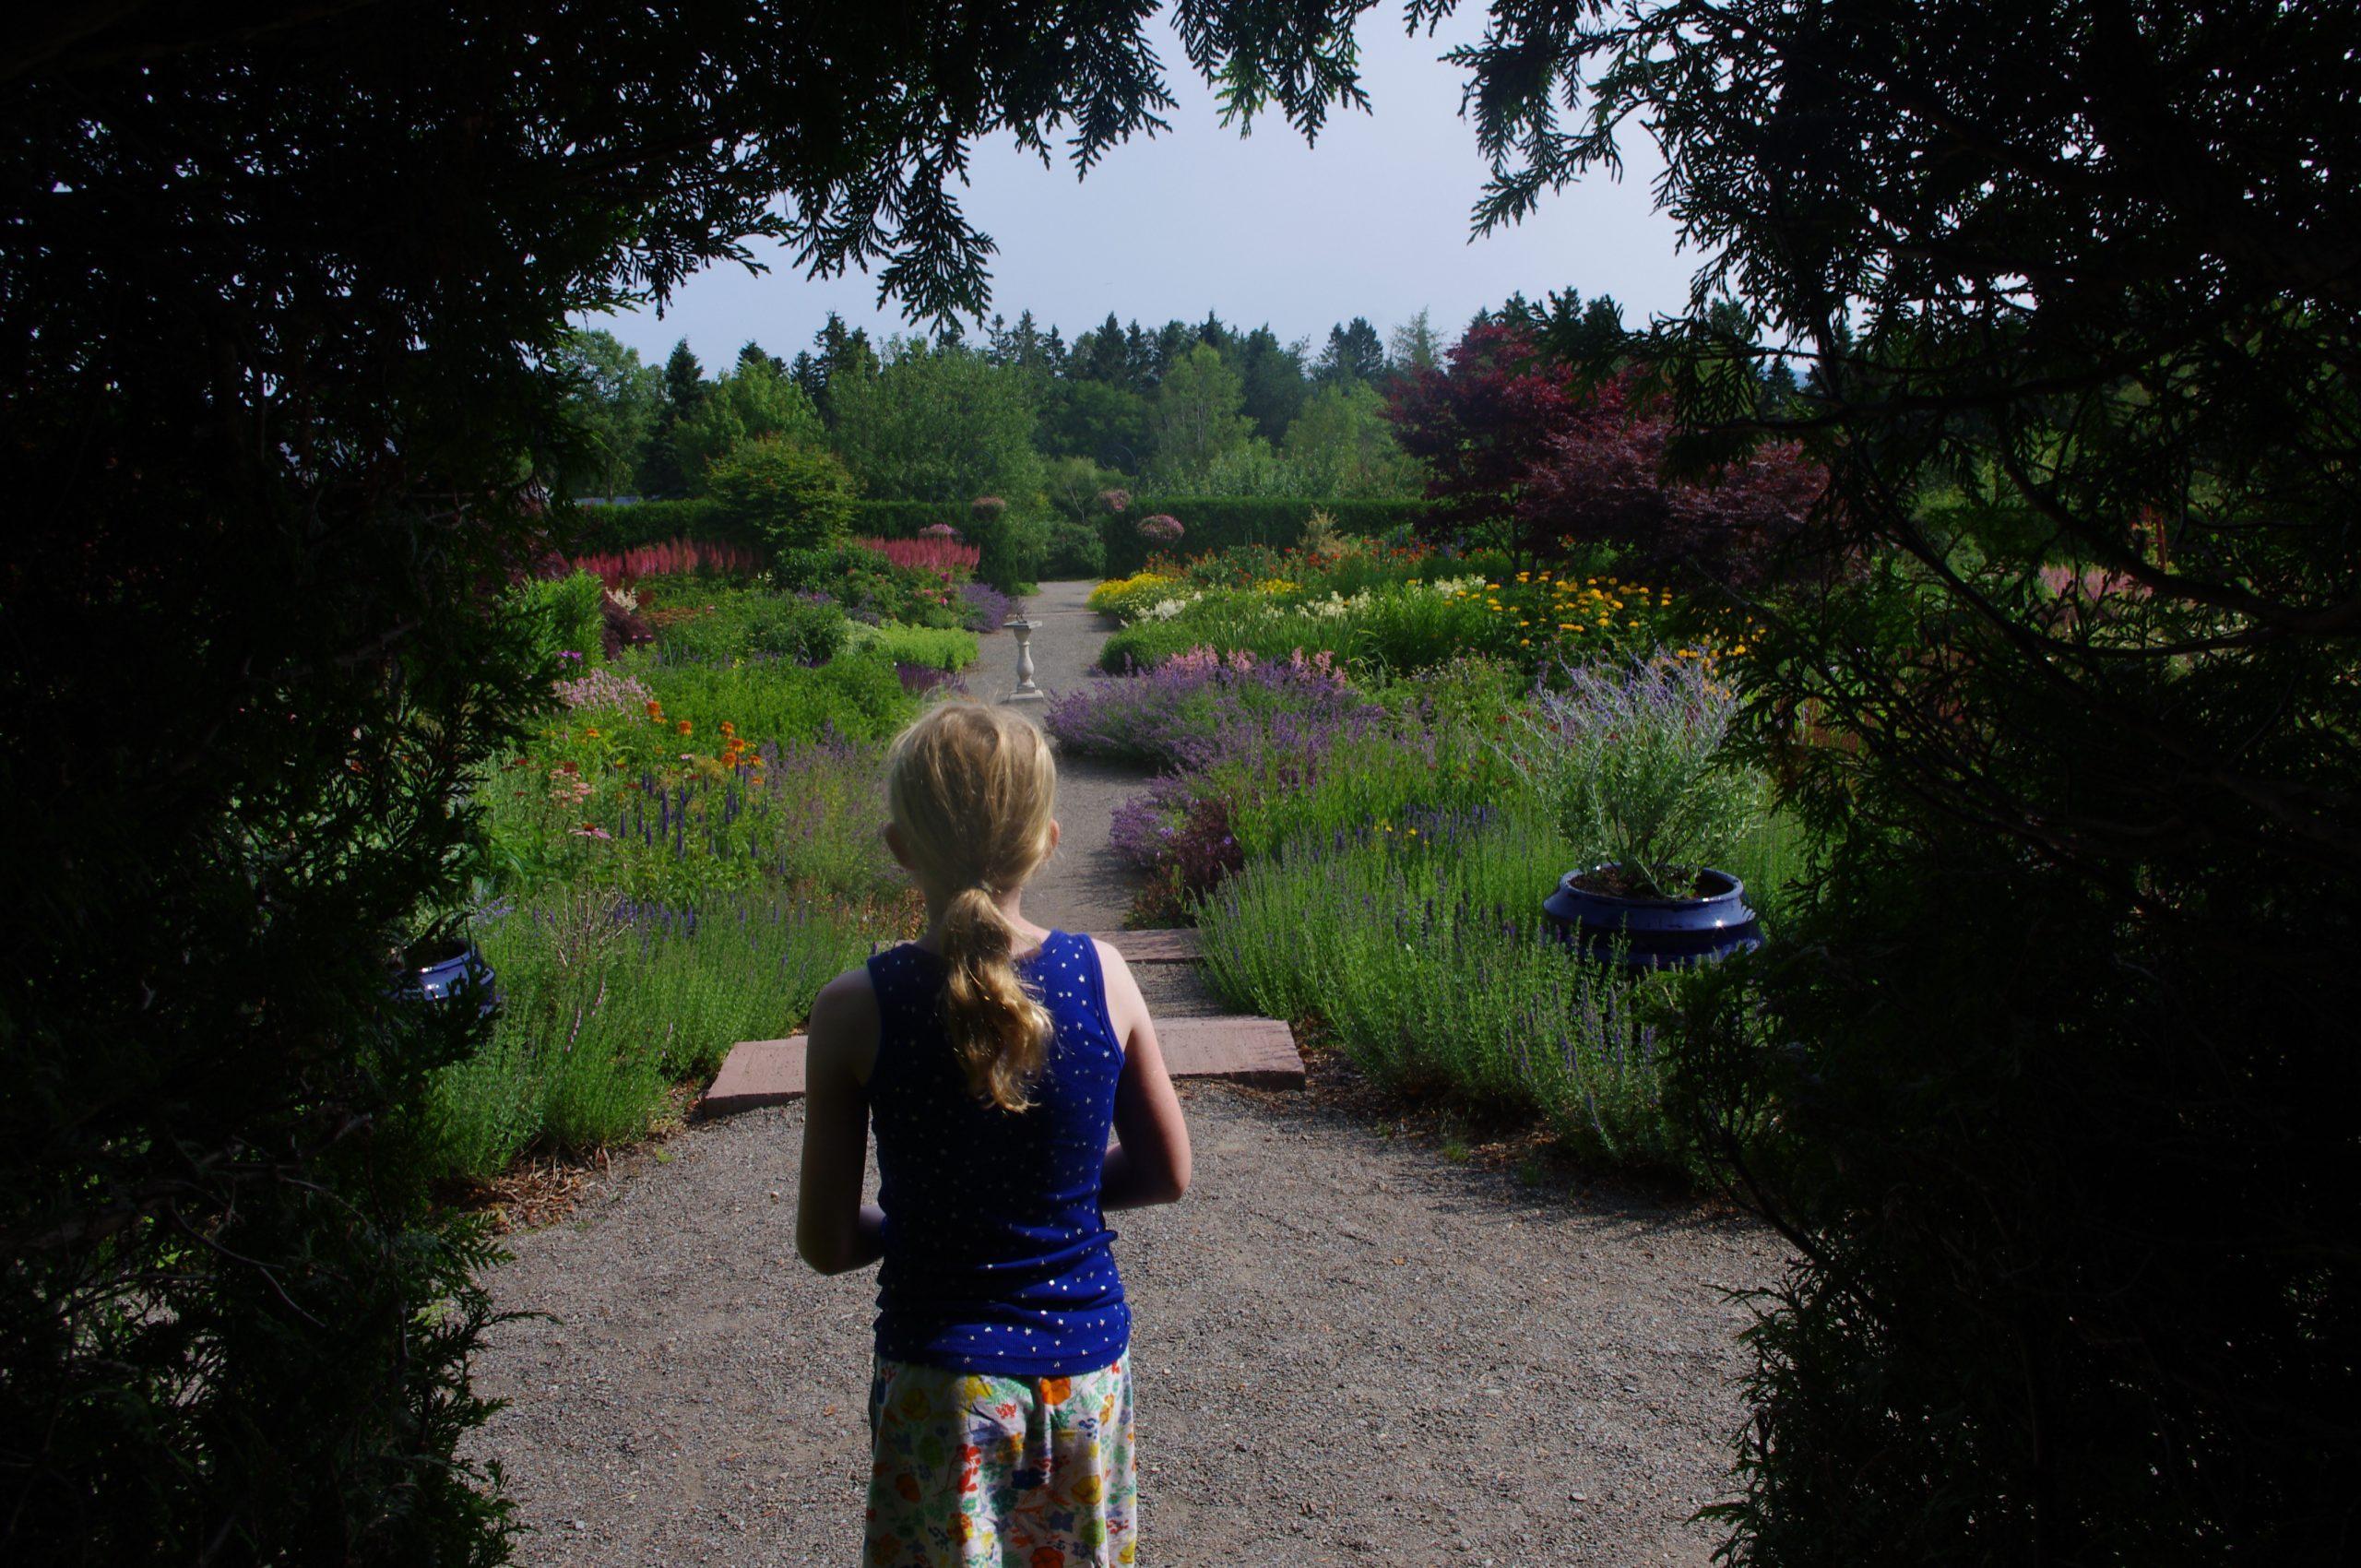 New Brunswick Kingsbrae Botanical Garden